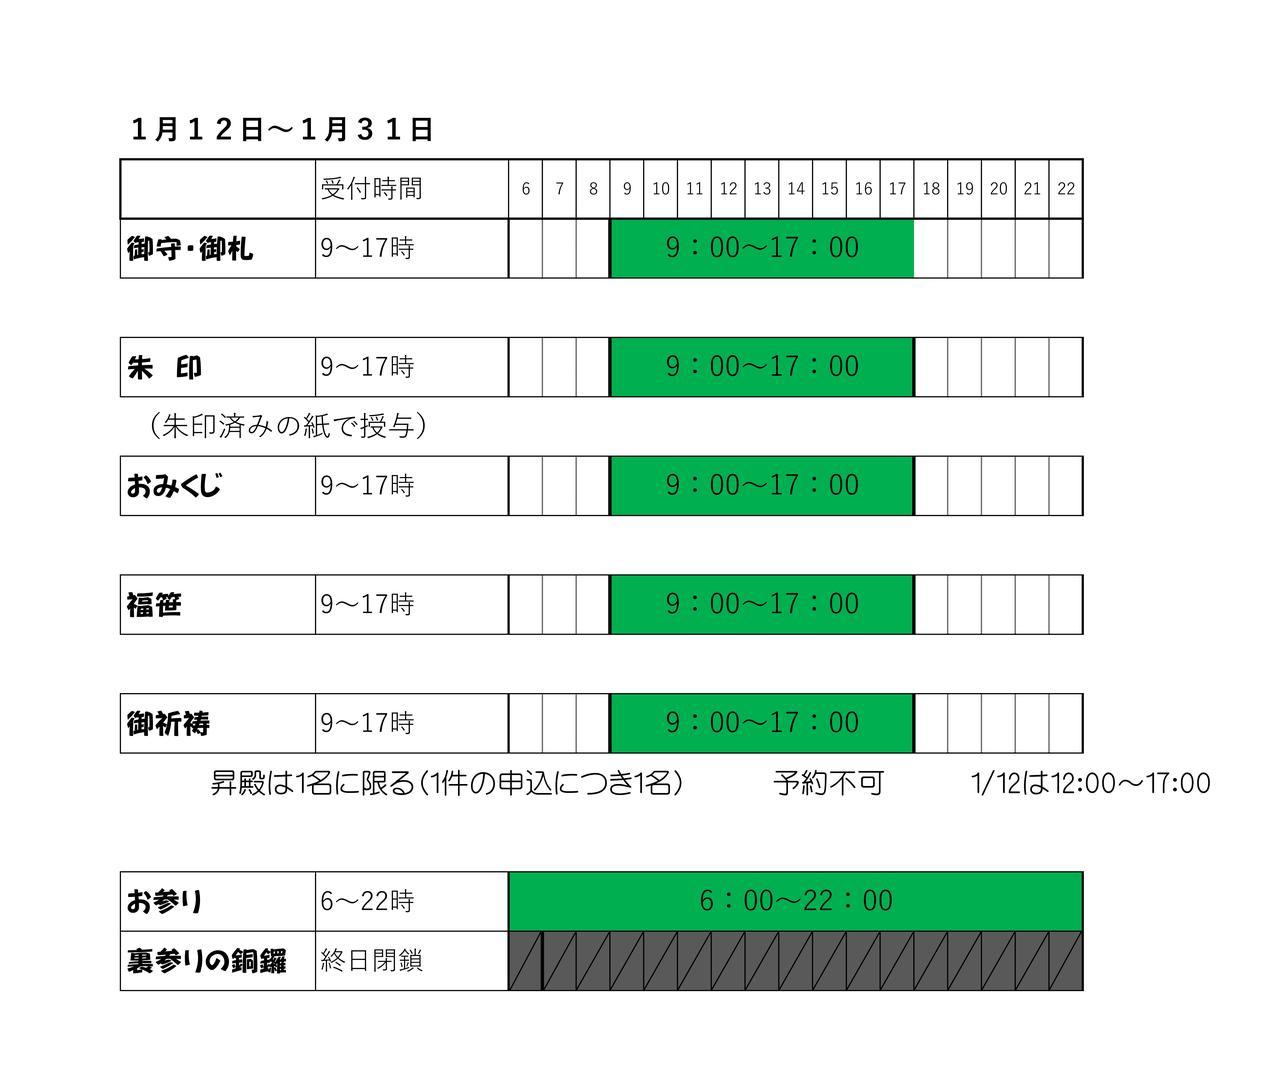 画像: 今宮戎神社ホームページ 十日戎最新情報(緊急事態宣言発令要請の報に接した対応) -